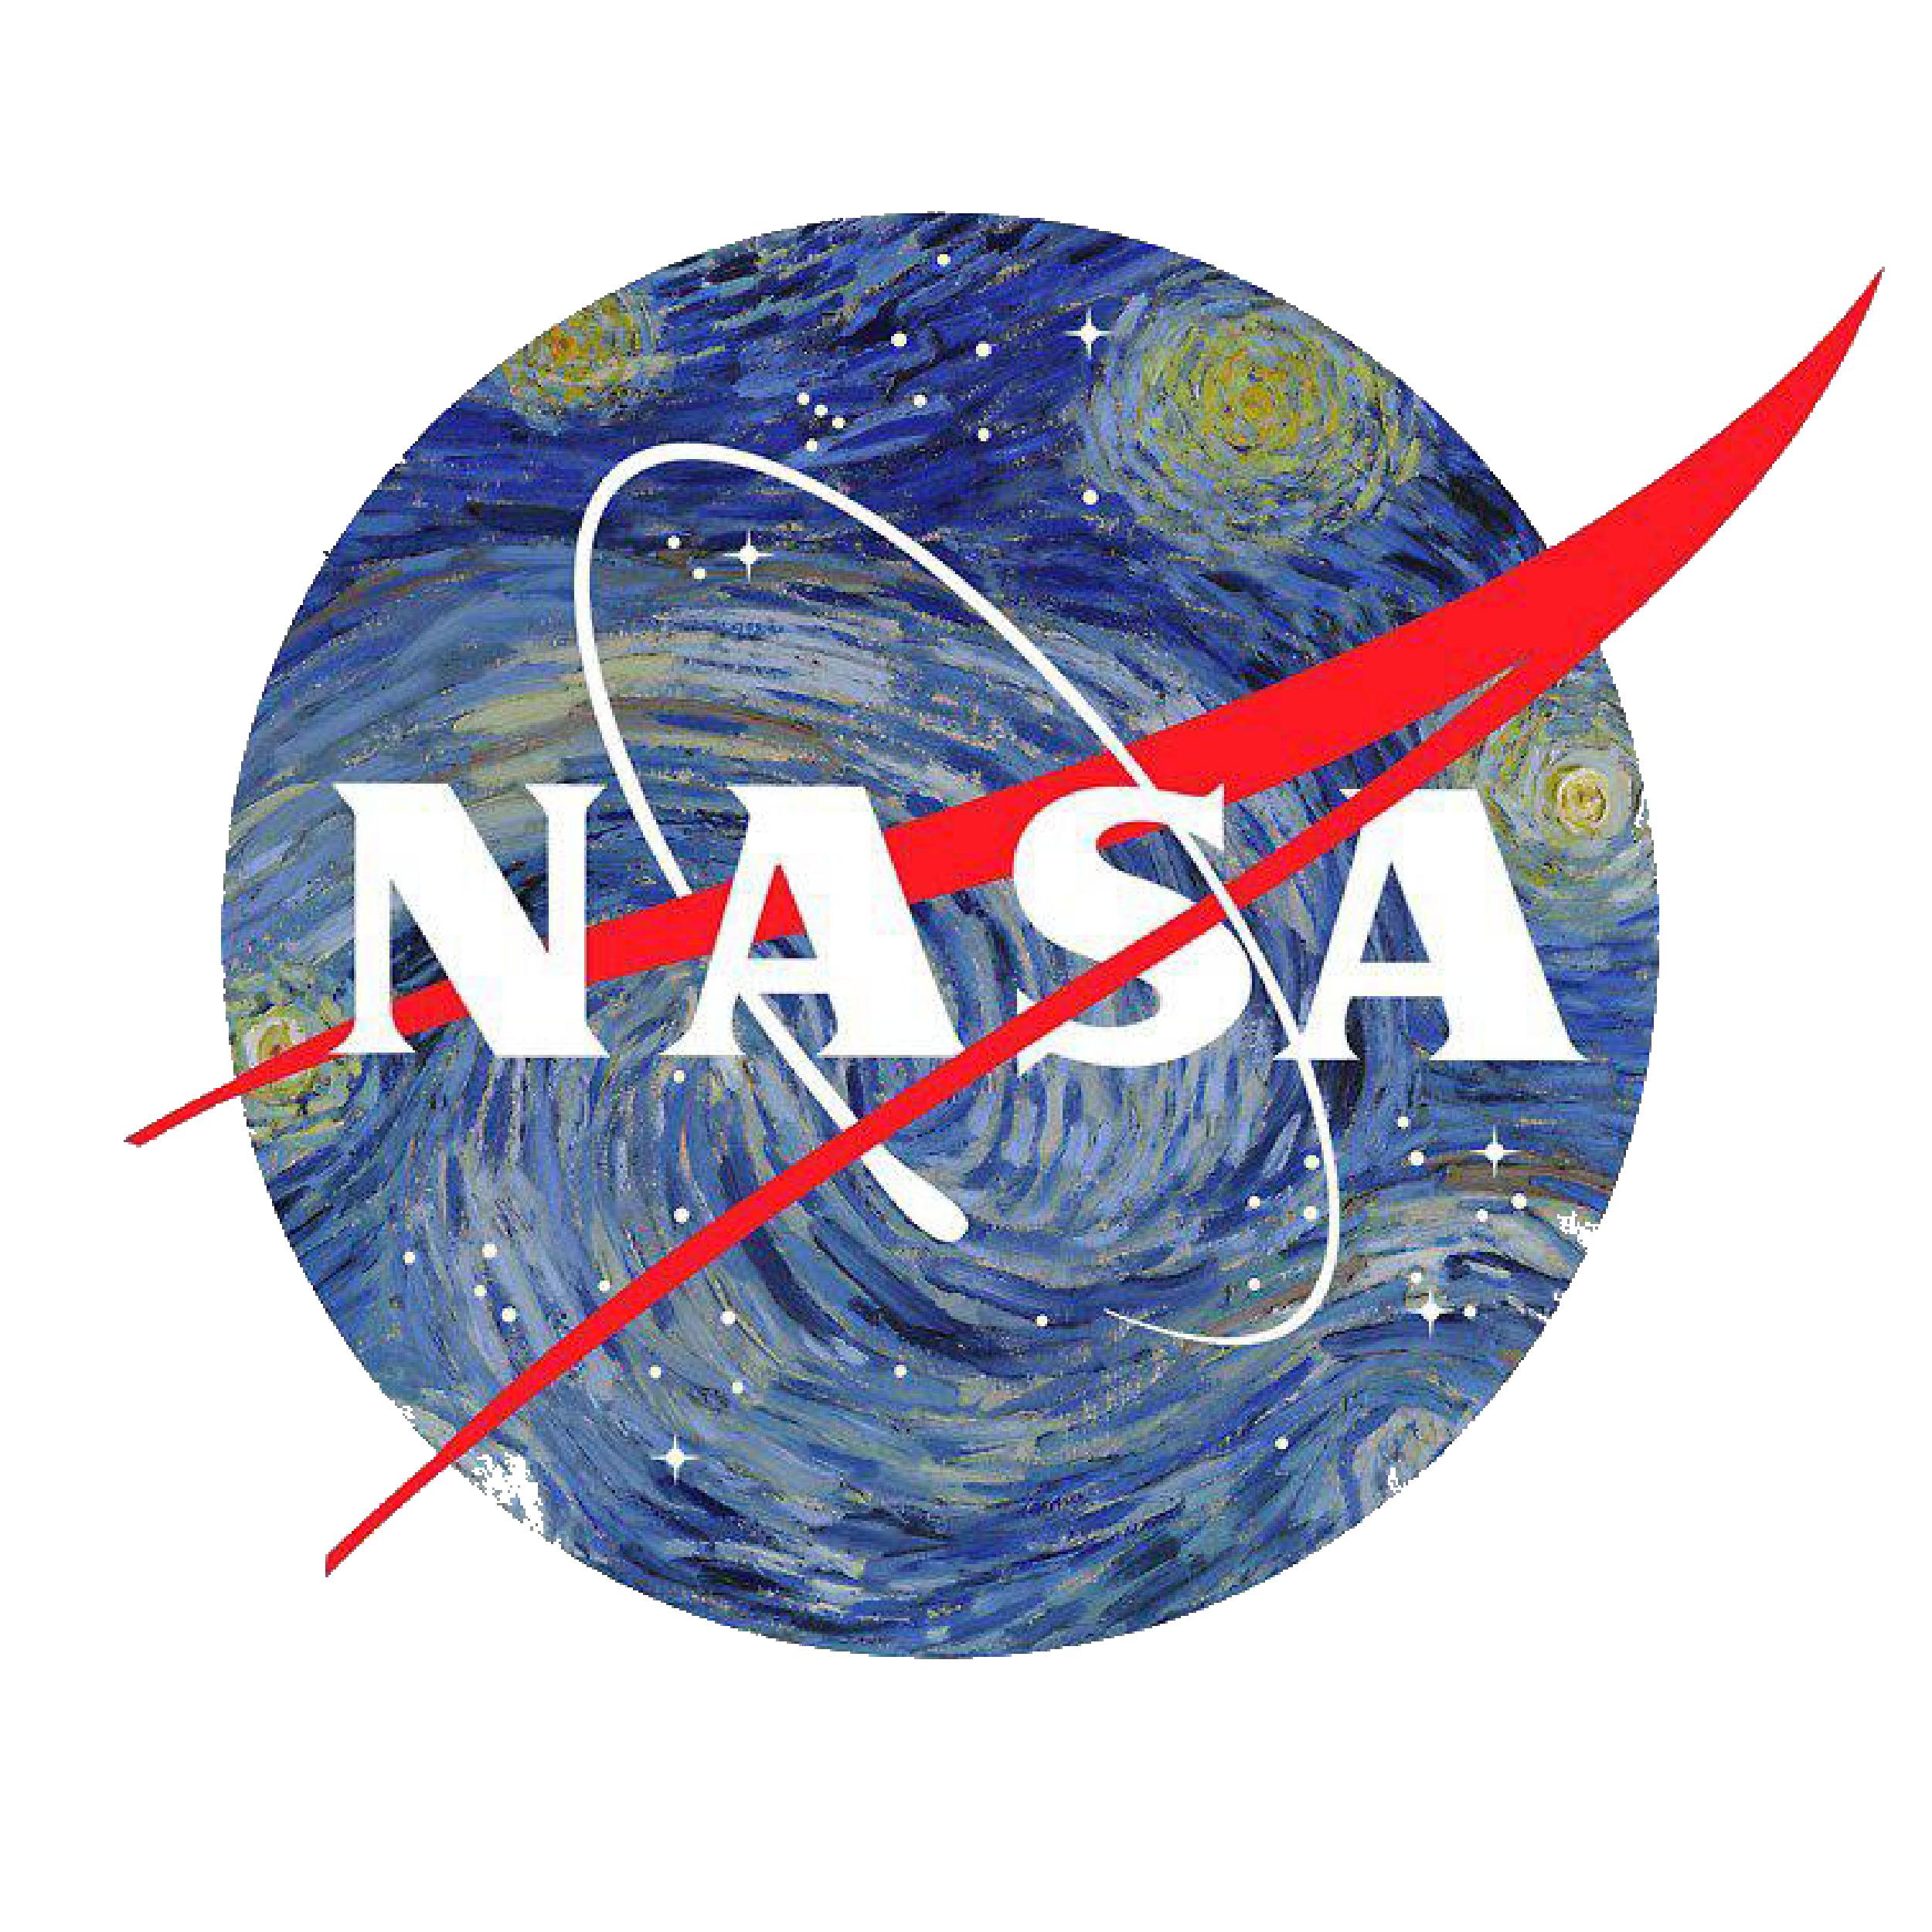 استیکر لپ تاپ طرح Nasa کد ST-53